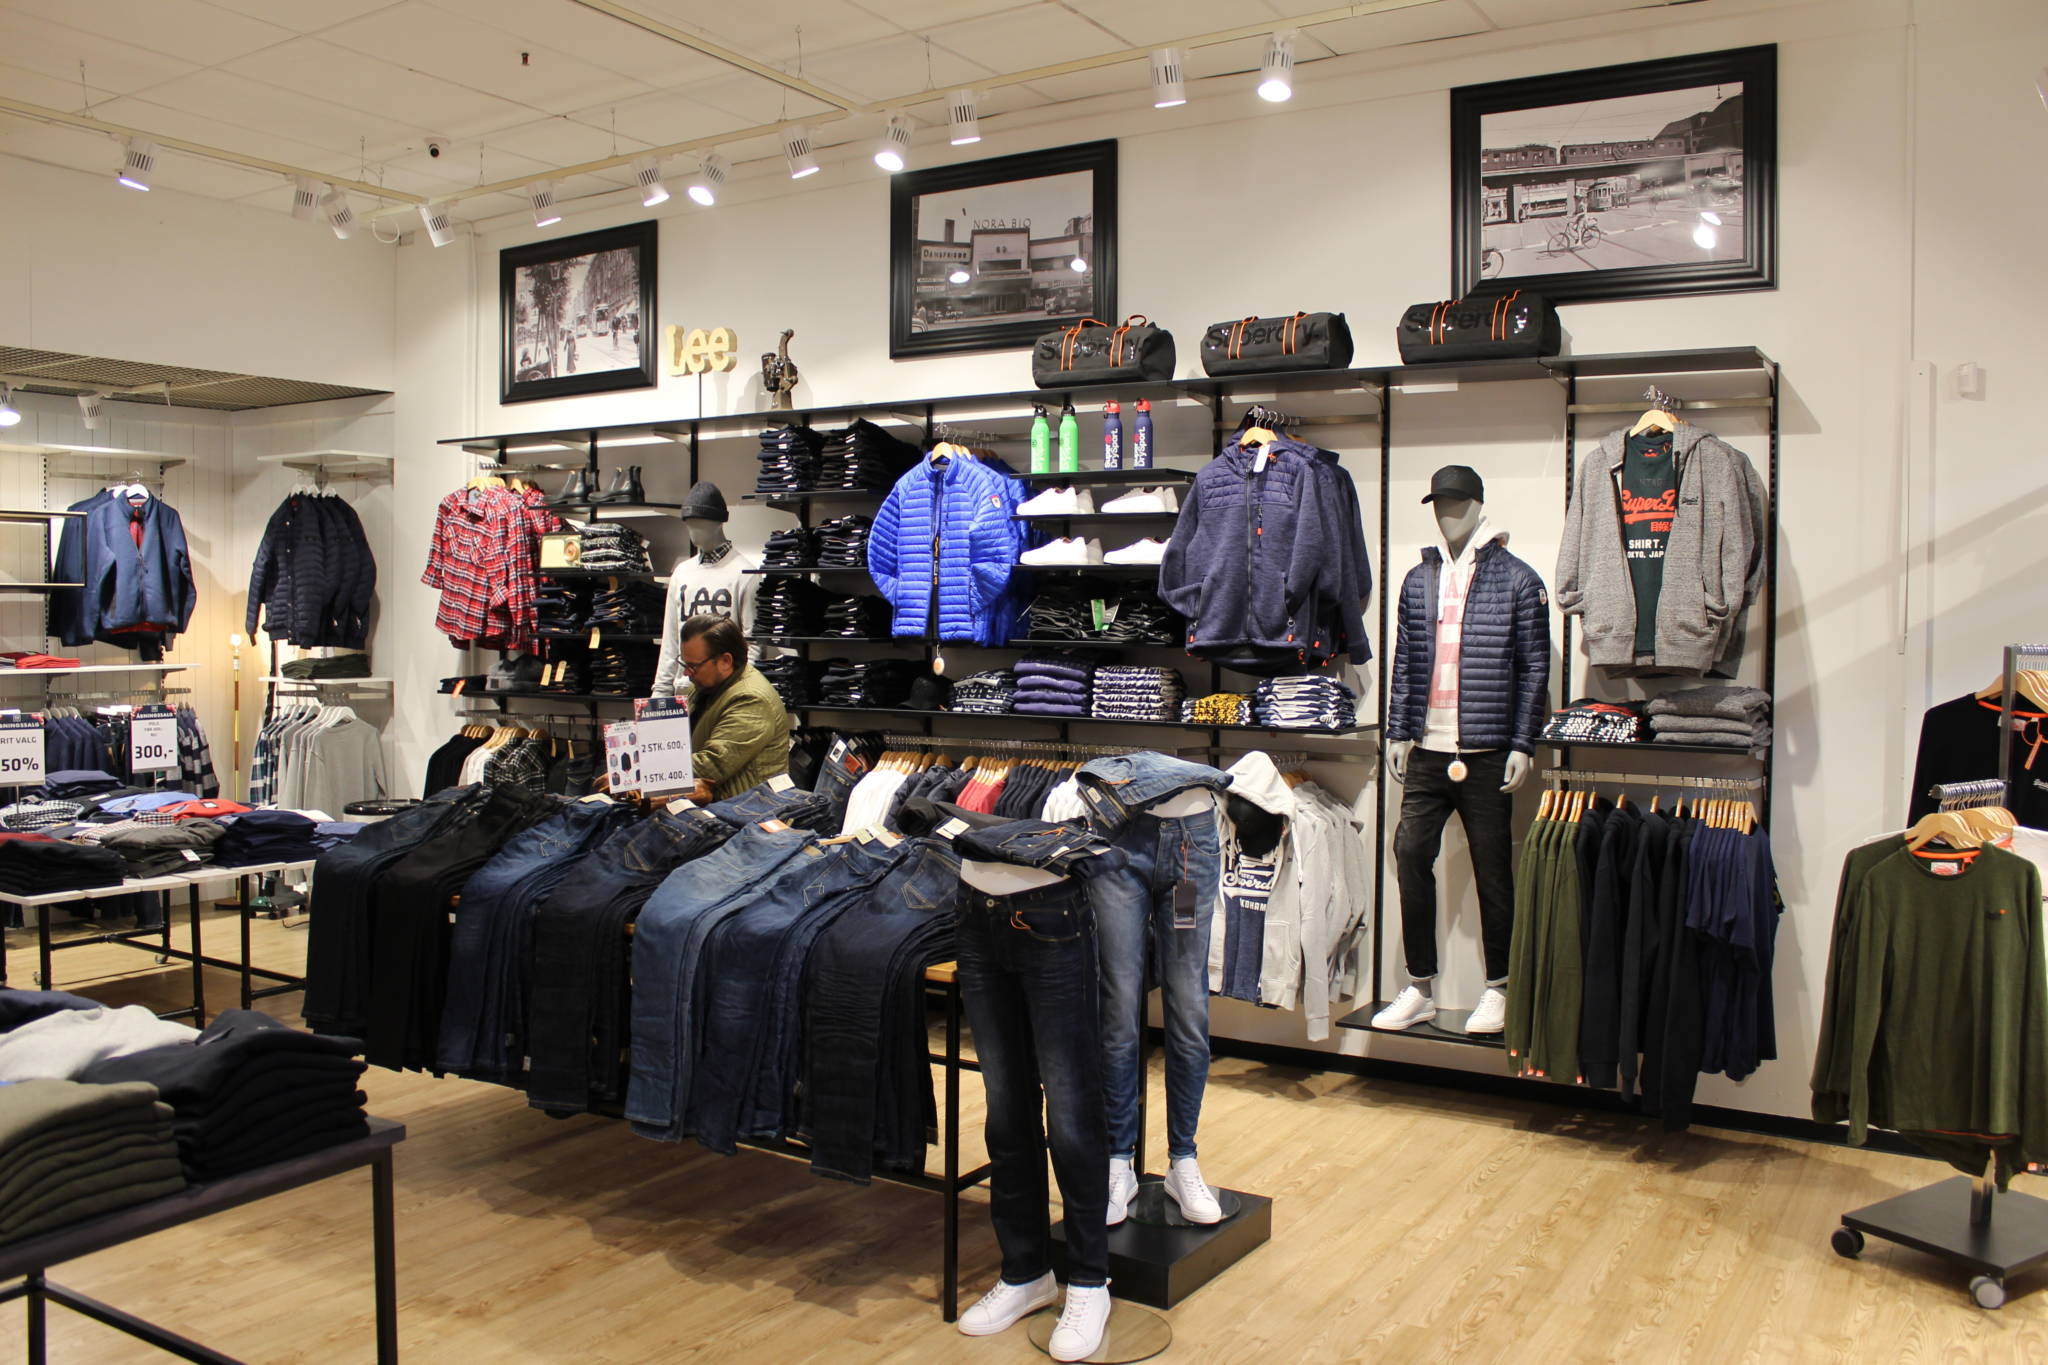 Trendy indrettet herrebutik med mange fokus området